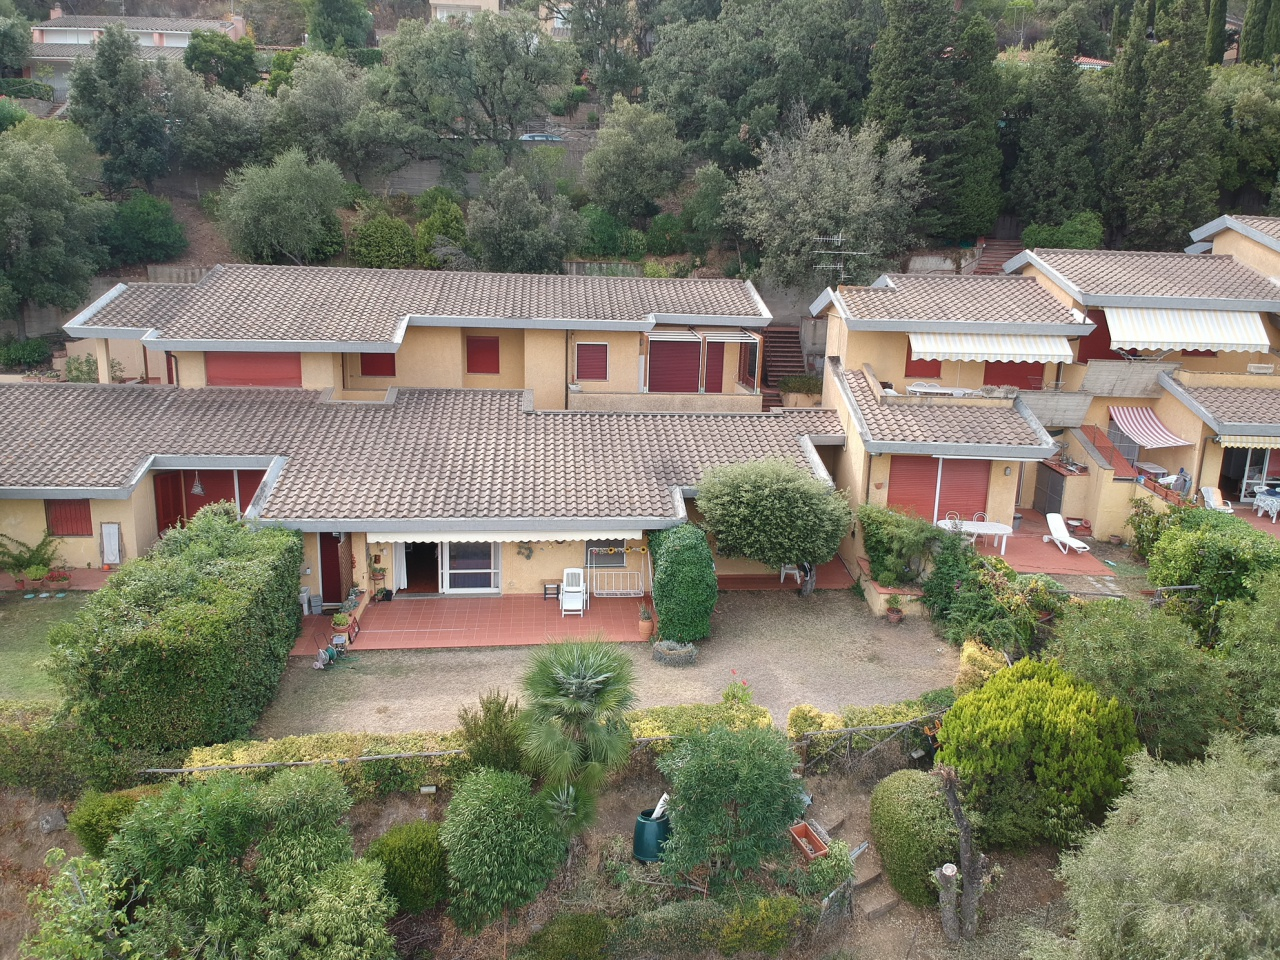 Appartamento in vendita a Castiglione della Pescaia, 5 locali, prezzo € 400.000 | PortaleAgenzieImmobiliari.it